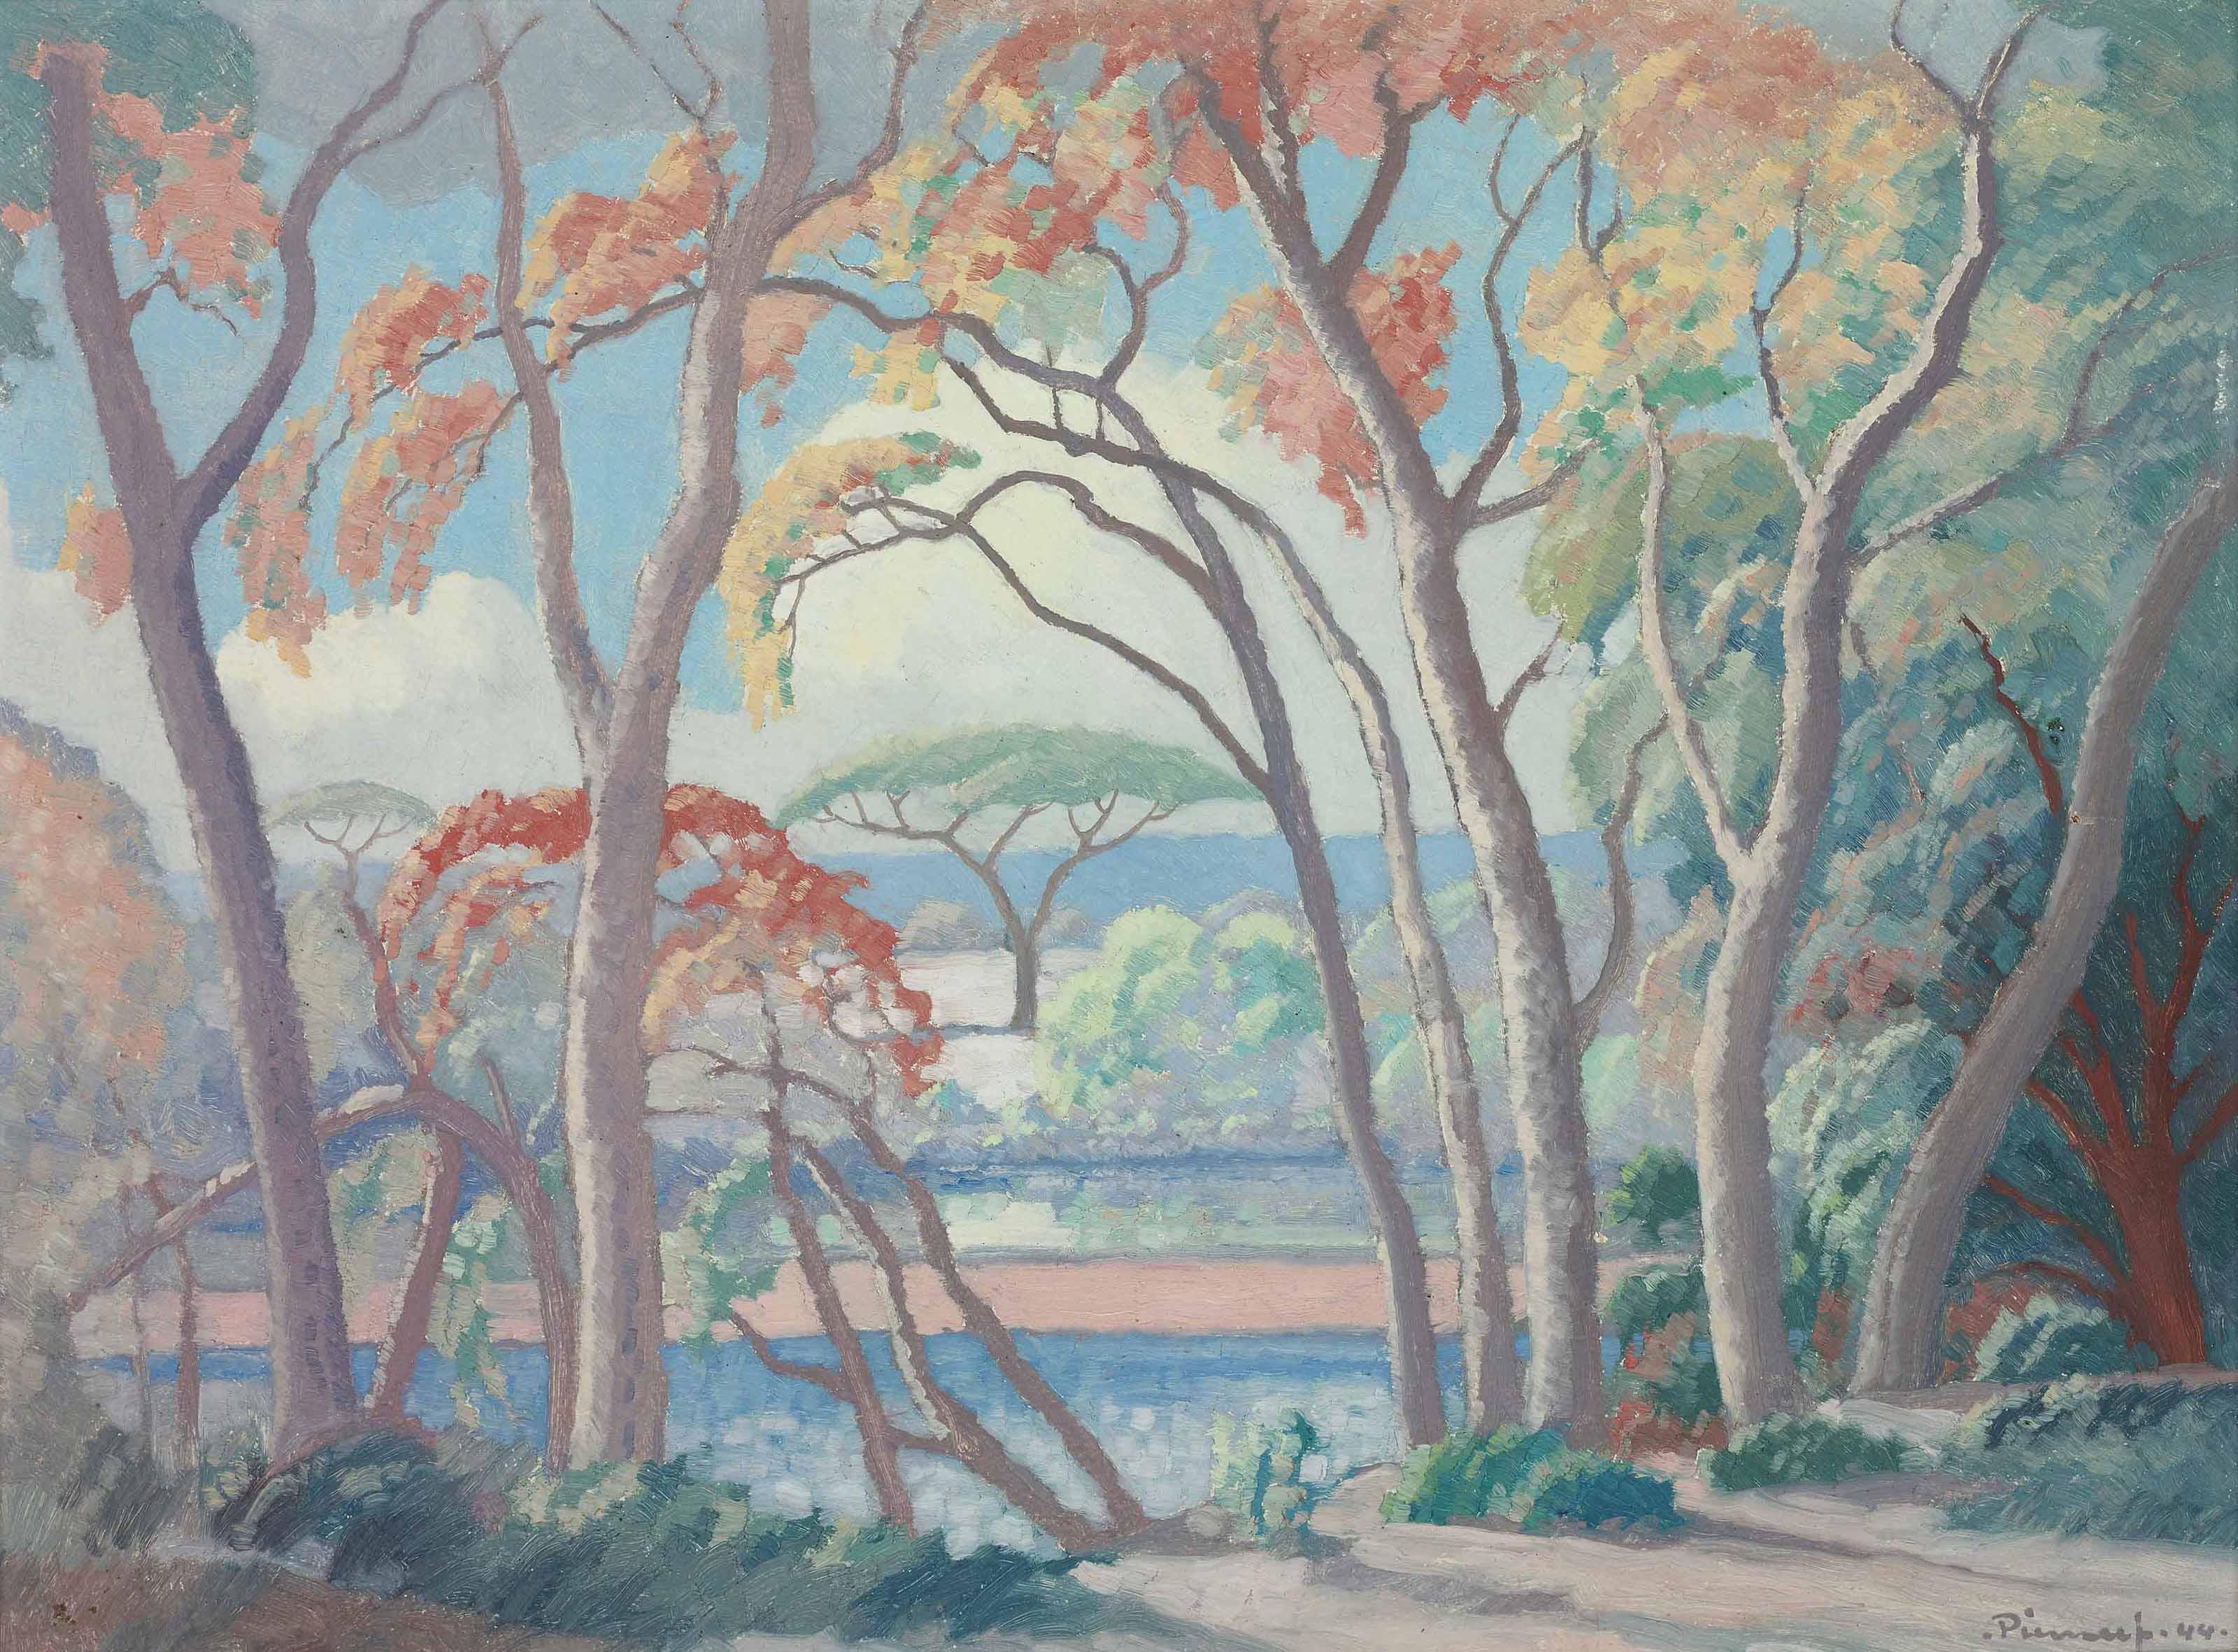 Jacob Hendrik Pierneef (1886-1